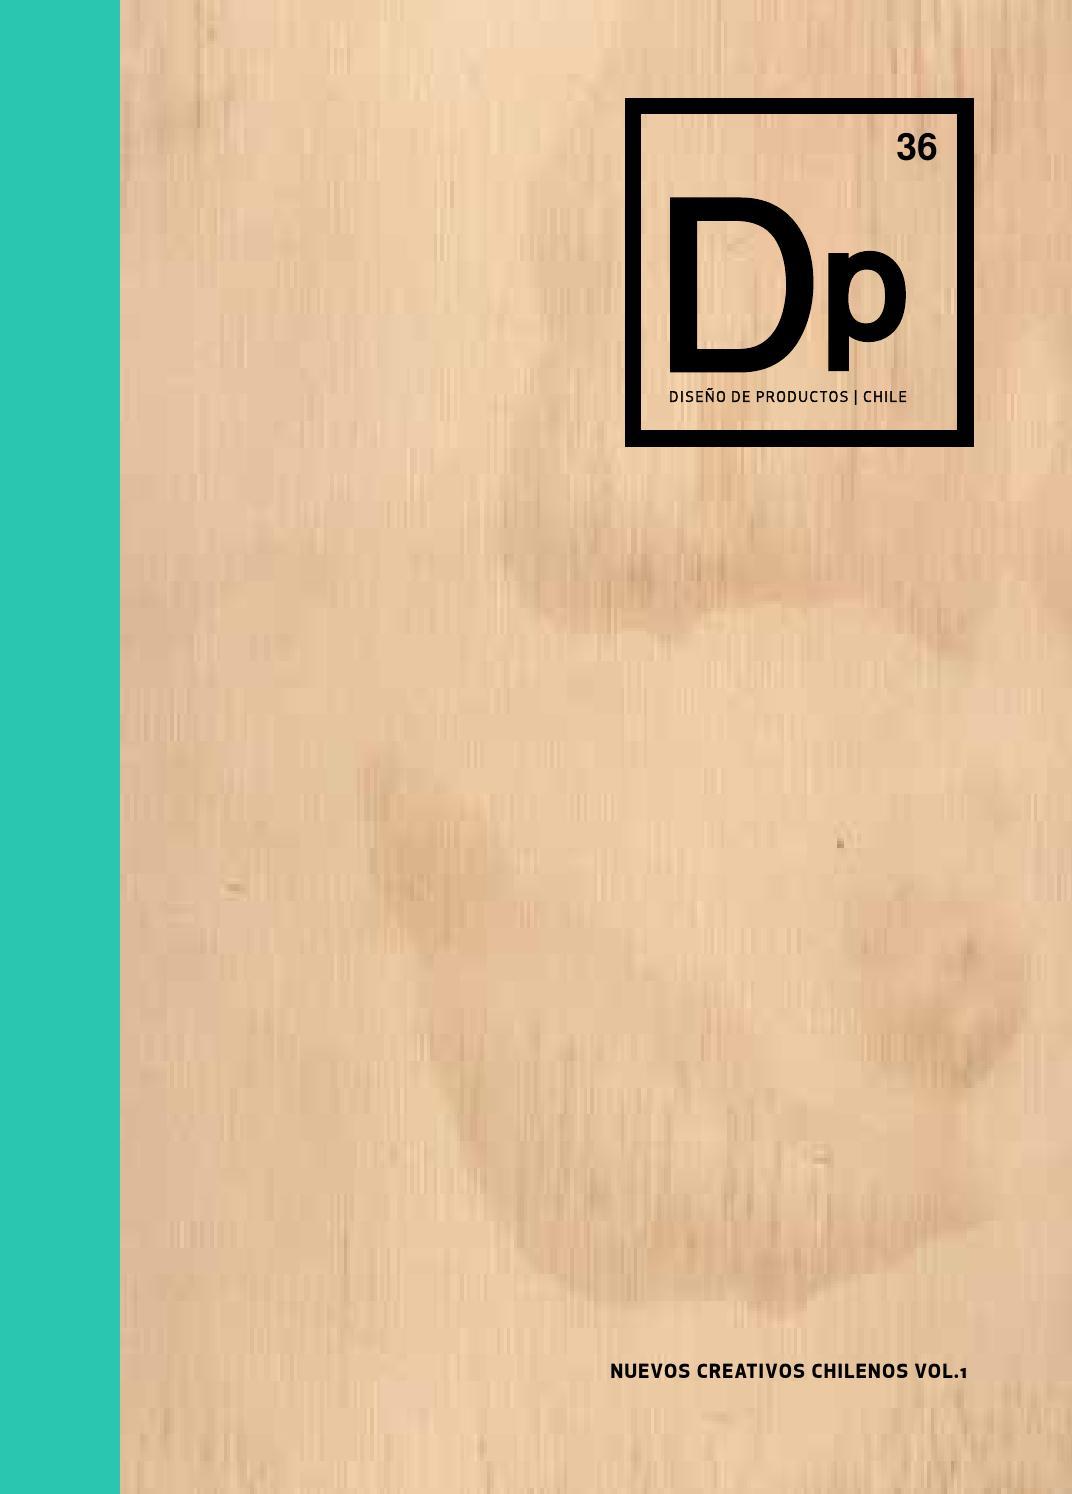 Dise O De Productos N 36 Chile 2015 By Direcci N De Asuntos  # Muebles Mahuida Direccion